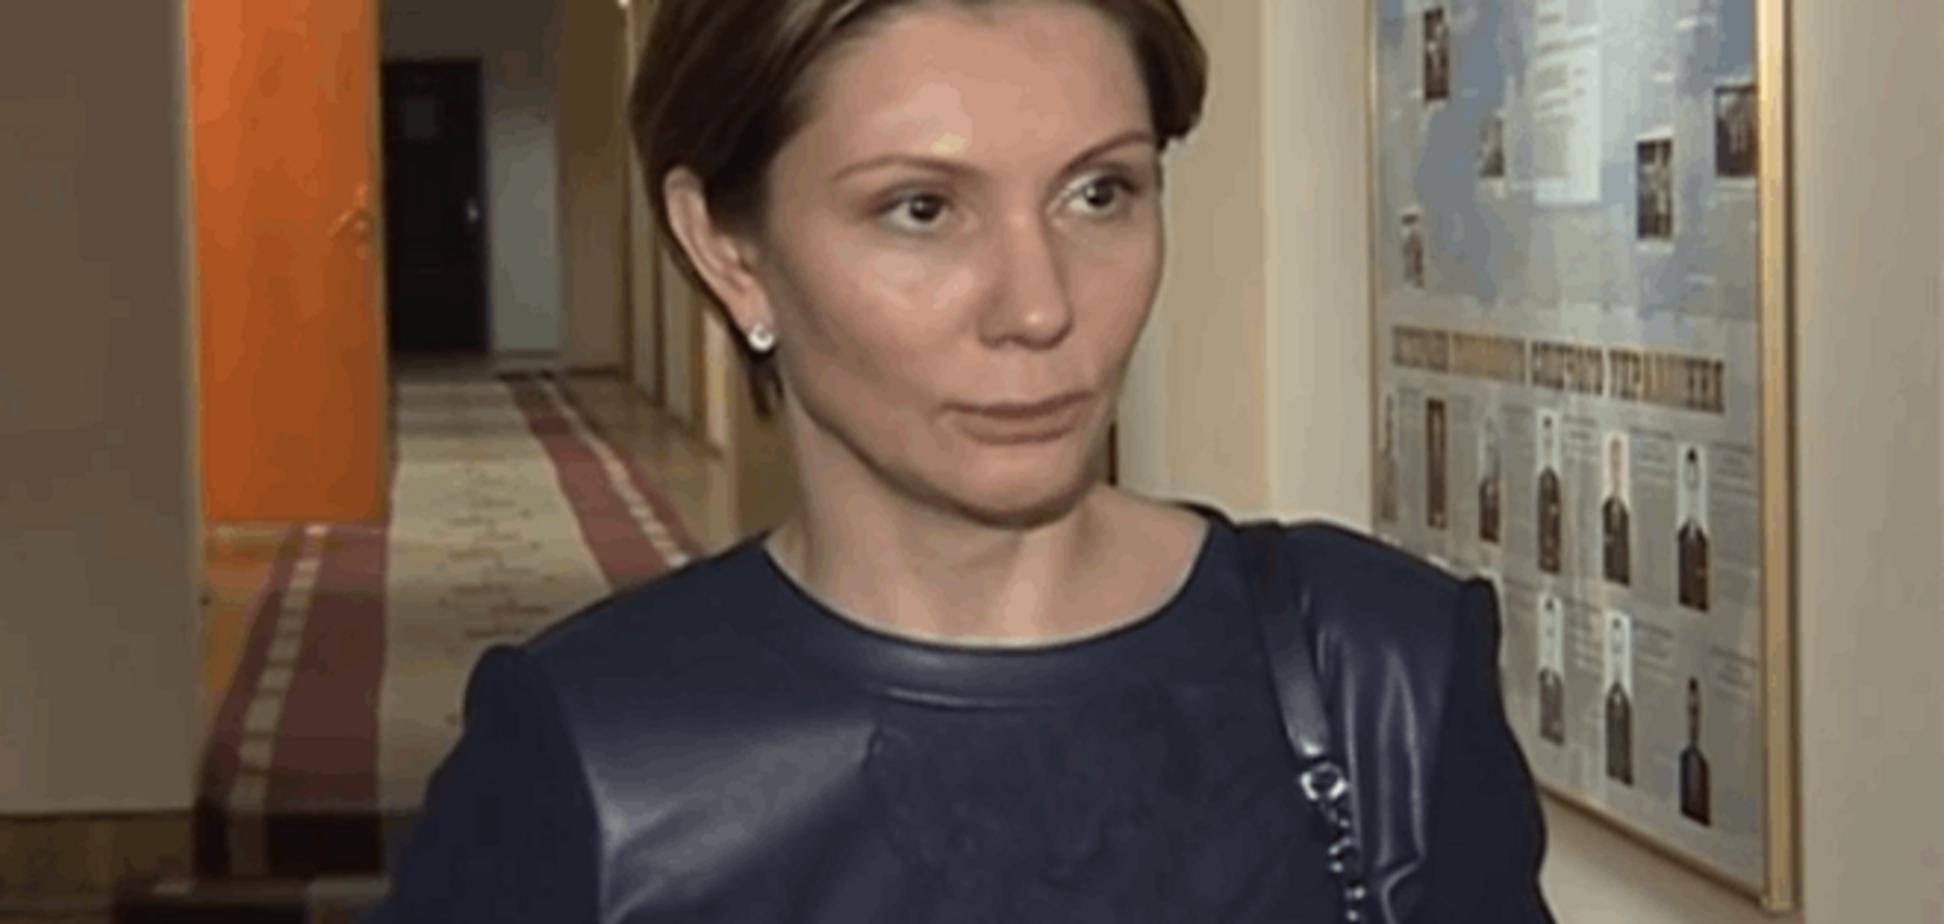 ''Торбят из украинских пушек'': Бондаренко оскандалилась заявлением о Донбассе